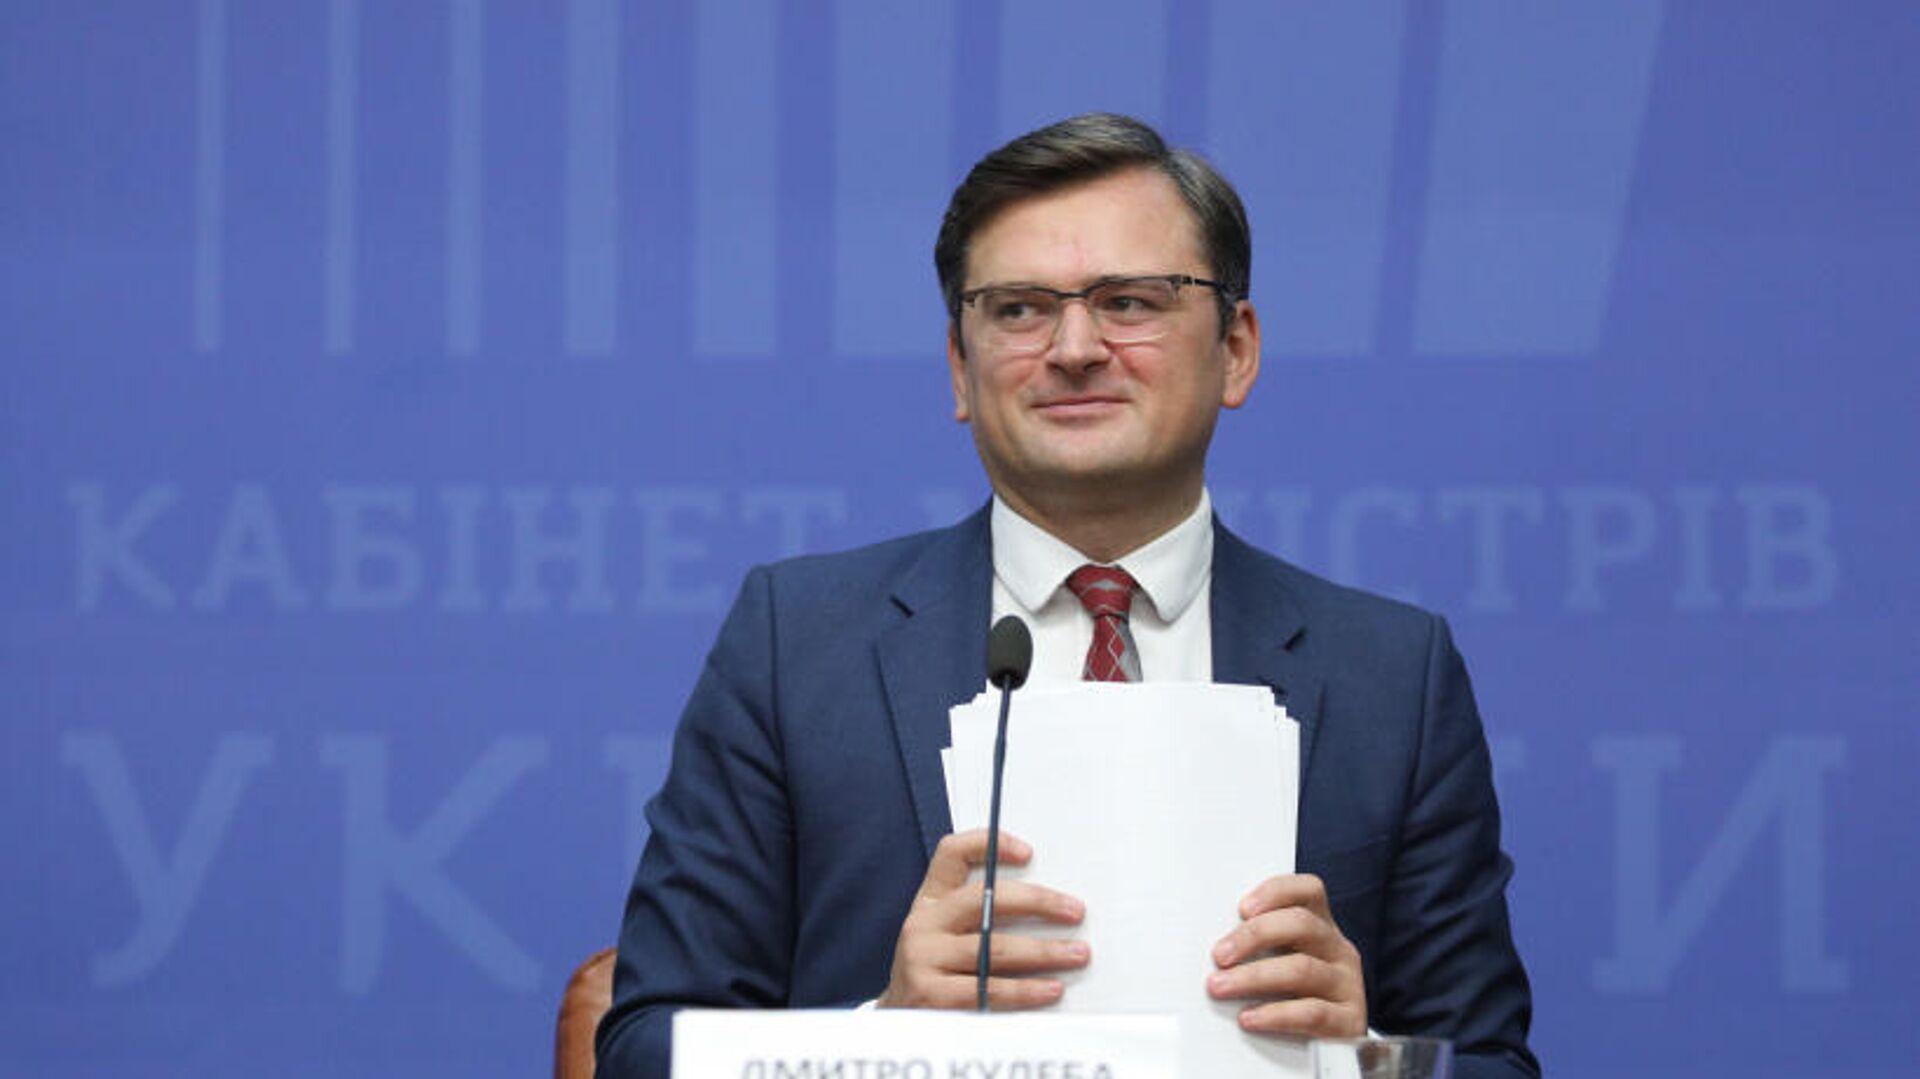 Вице-премьер-министр Украины по вопросам европейской и евроатлантической интеграции Дмитрий Кулеба - РИА Новости, 1920, 08.09.2020